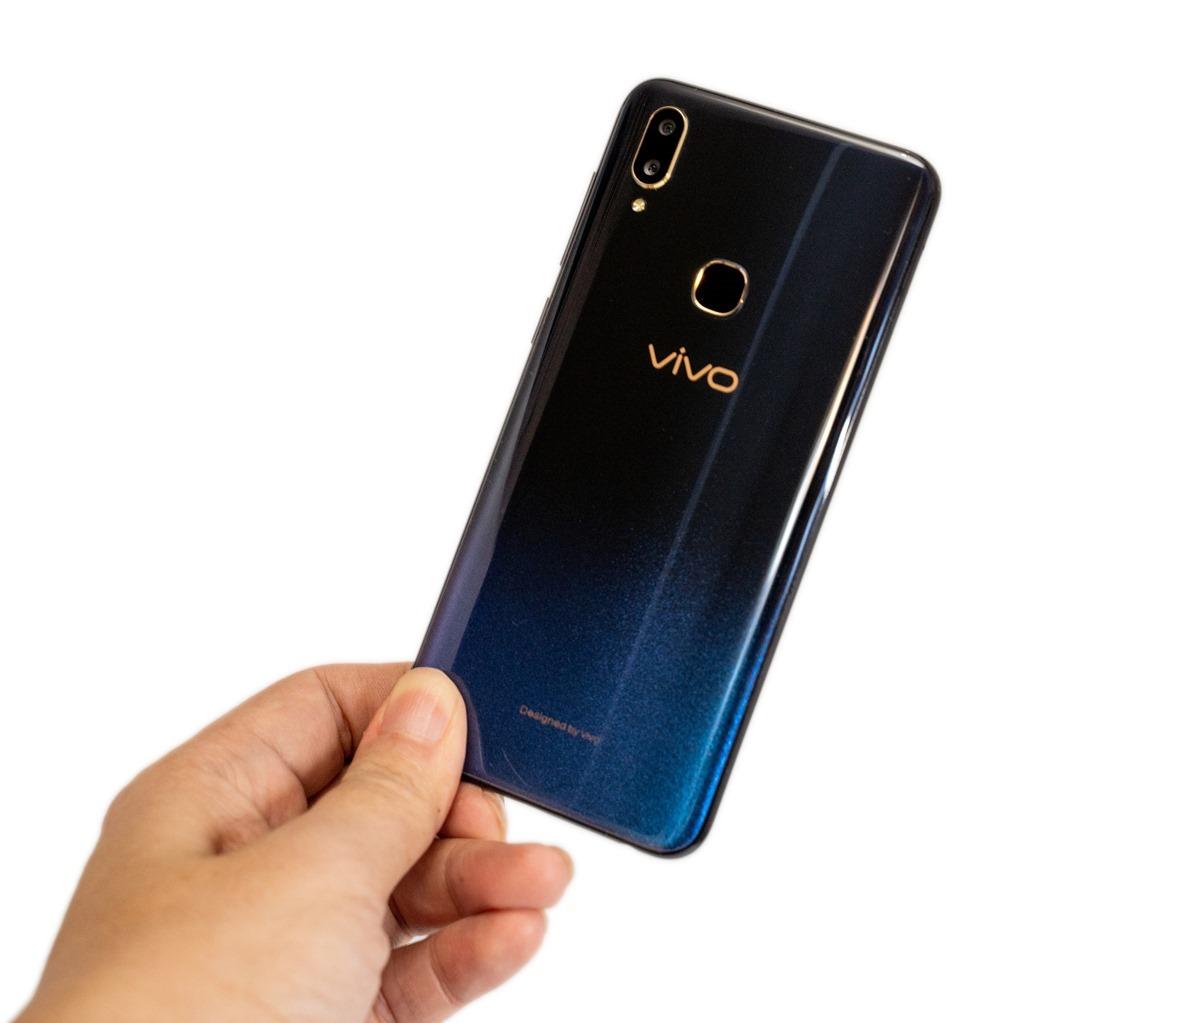 6.3 吋全屏高佔比!智慧 AI 自拍中階手機首選 VIVO V11 @3C 達人廖阿輝